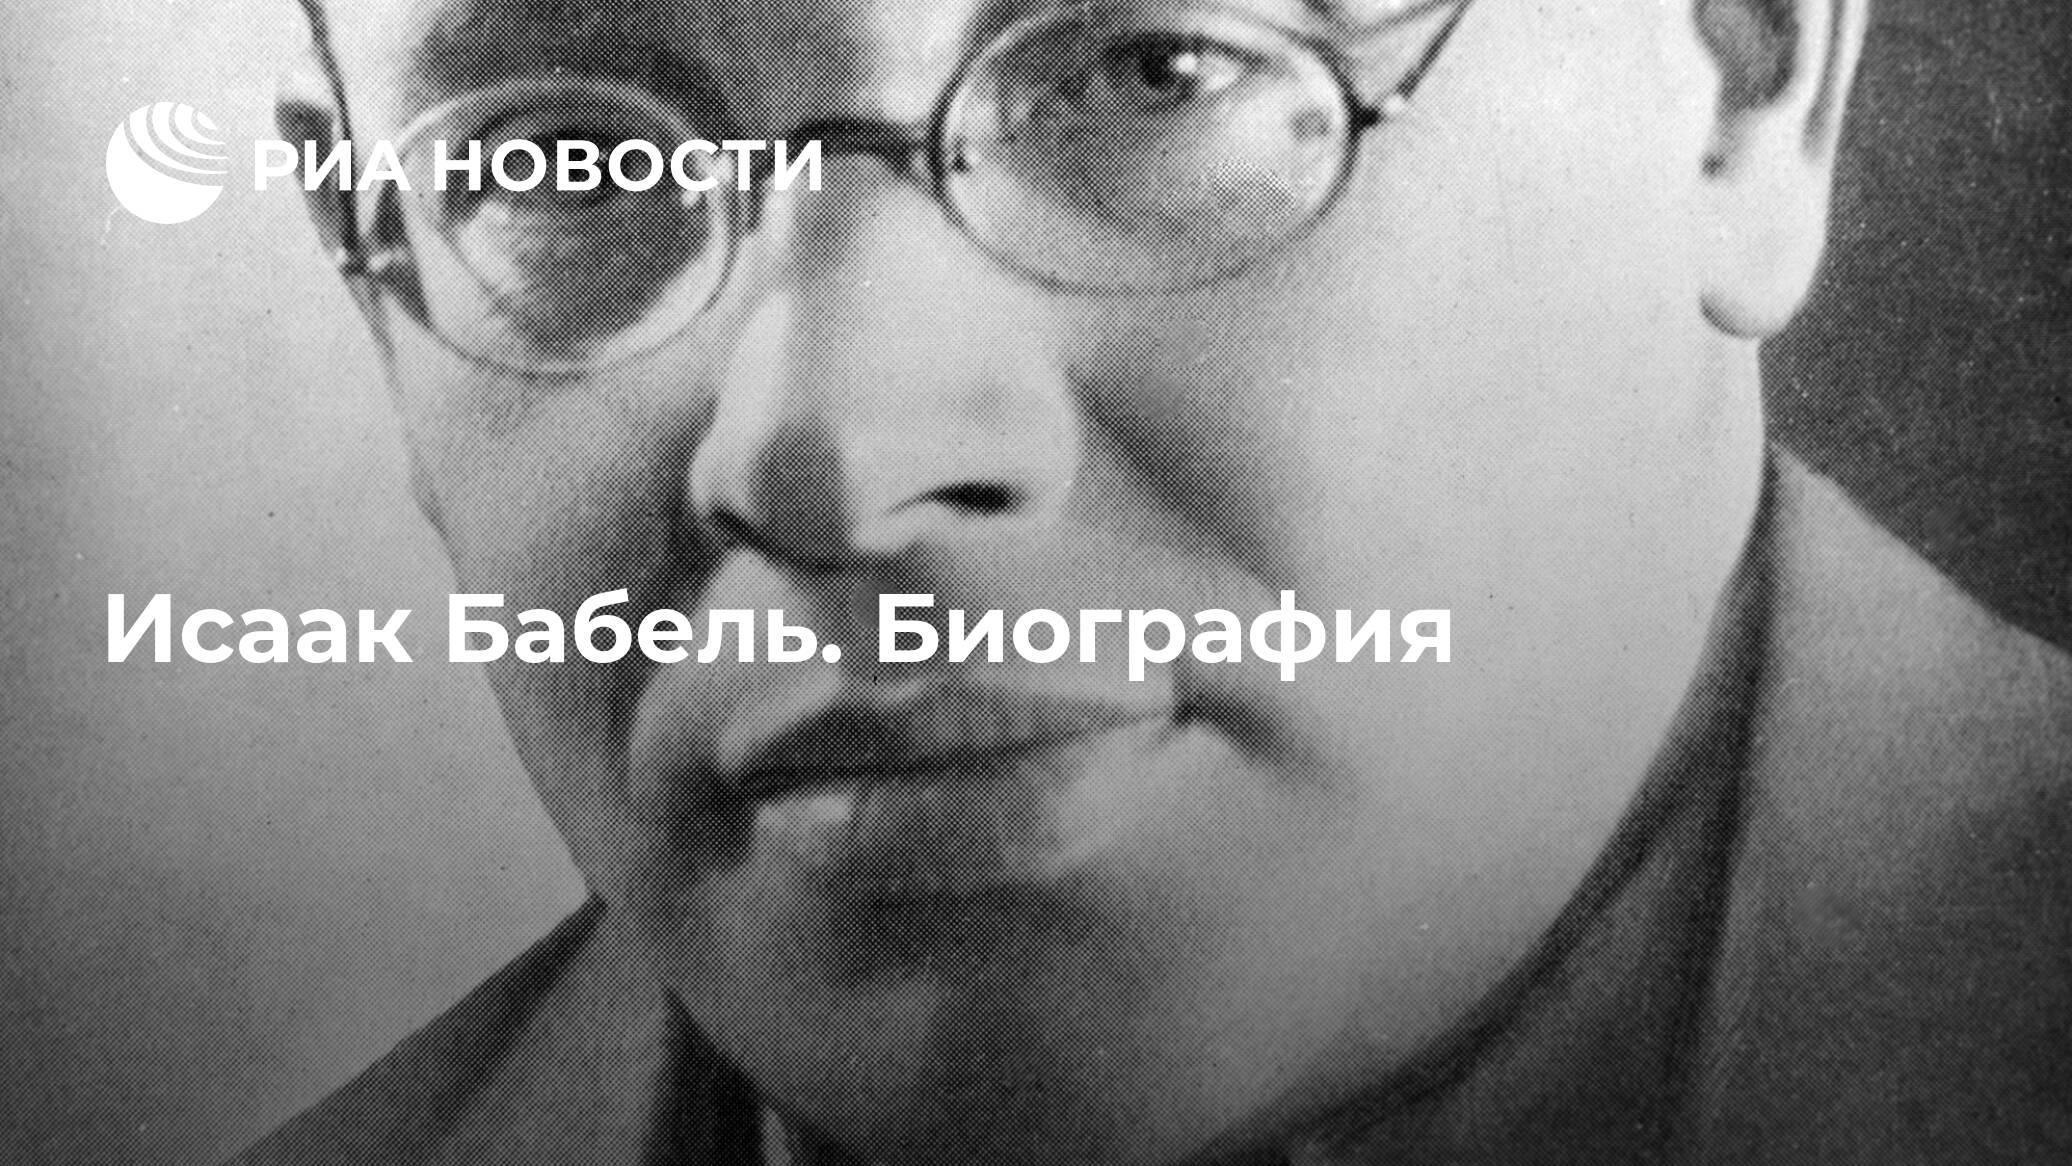 Краткая биография исаака бабеля | краткие биографии